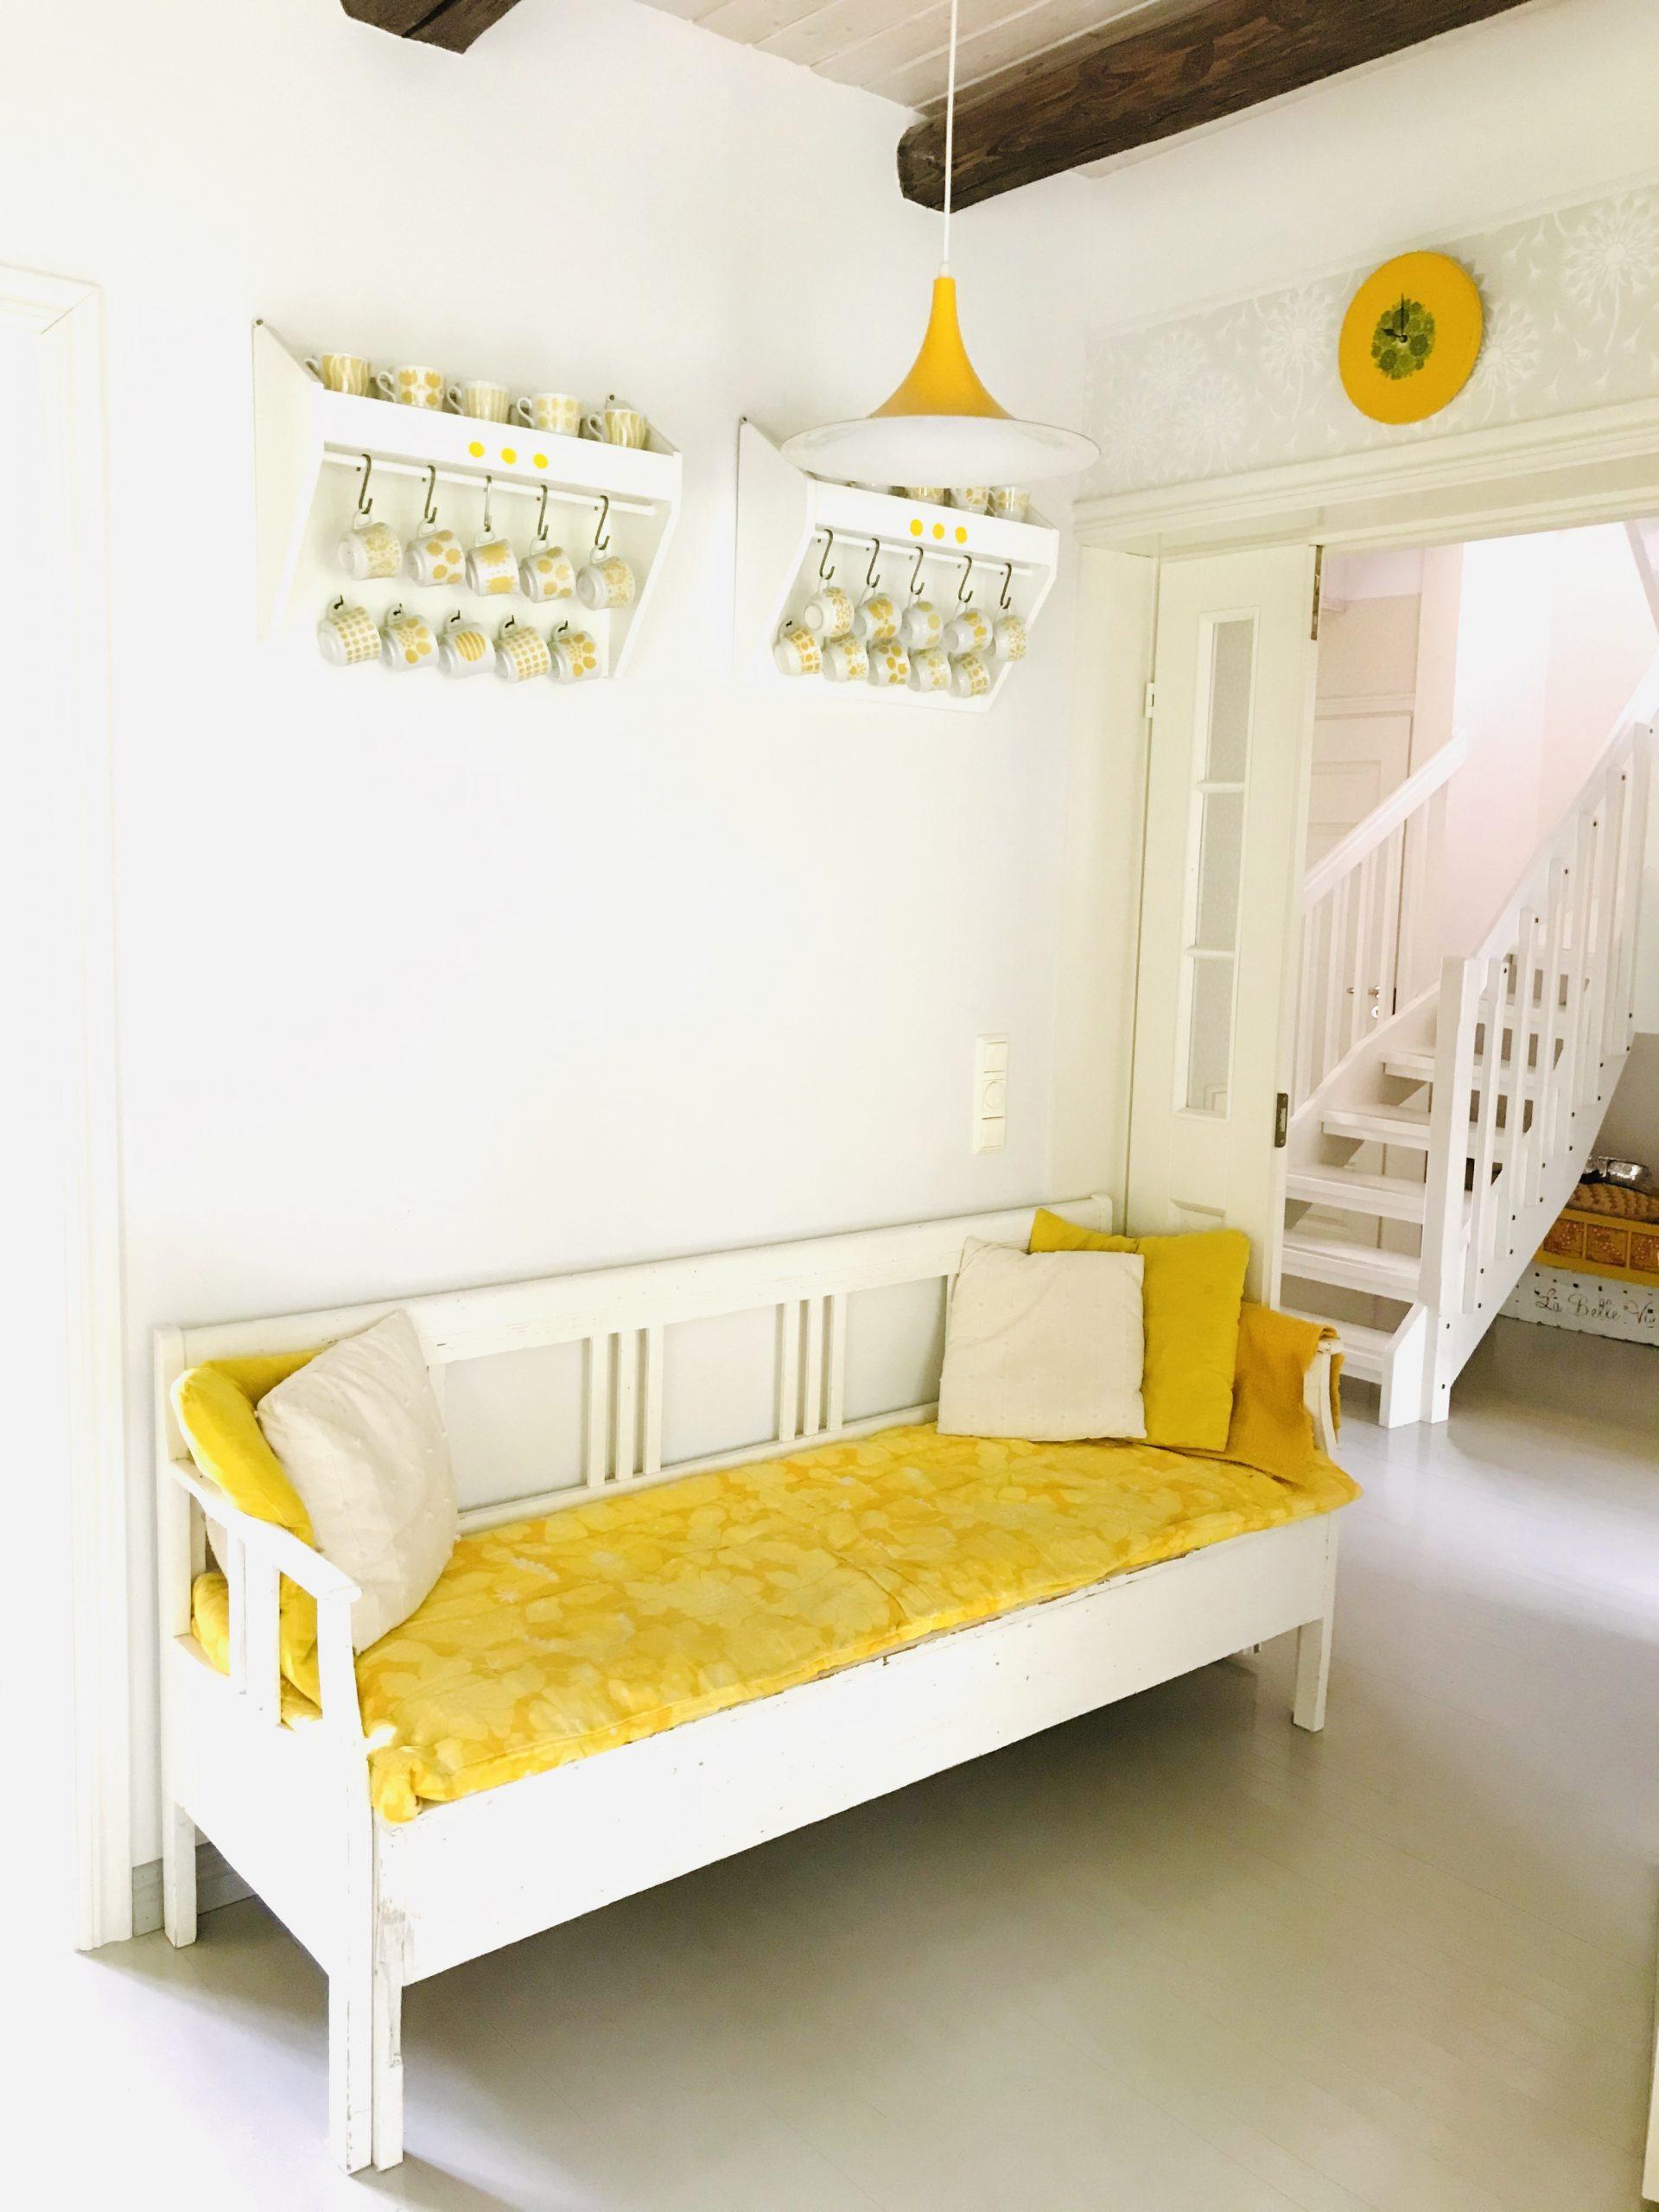 Elluyellow keltainen tupa